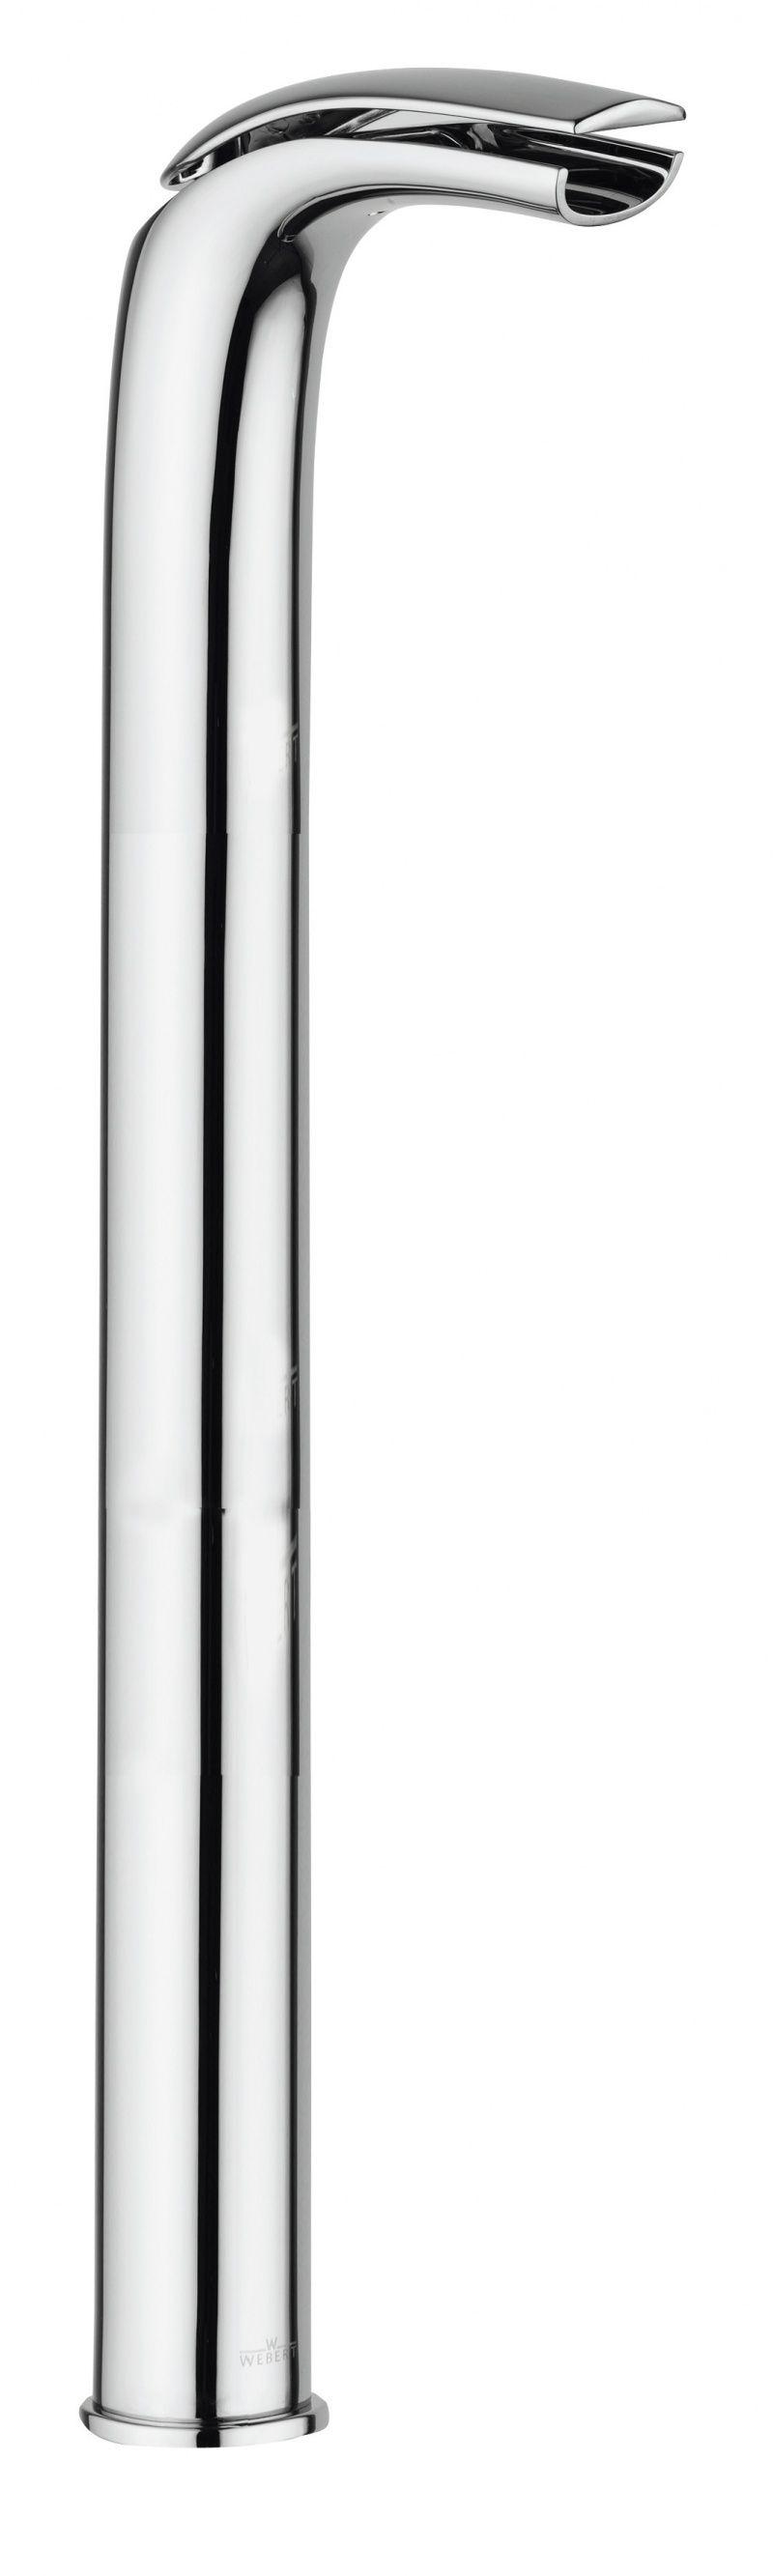 картинка Смеситель напольный Webert Aria AI832301 Хром с ручкой Cacao